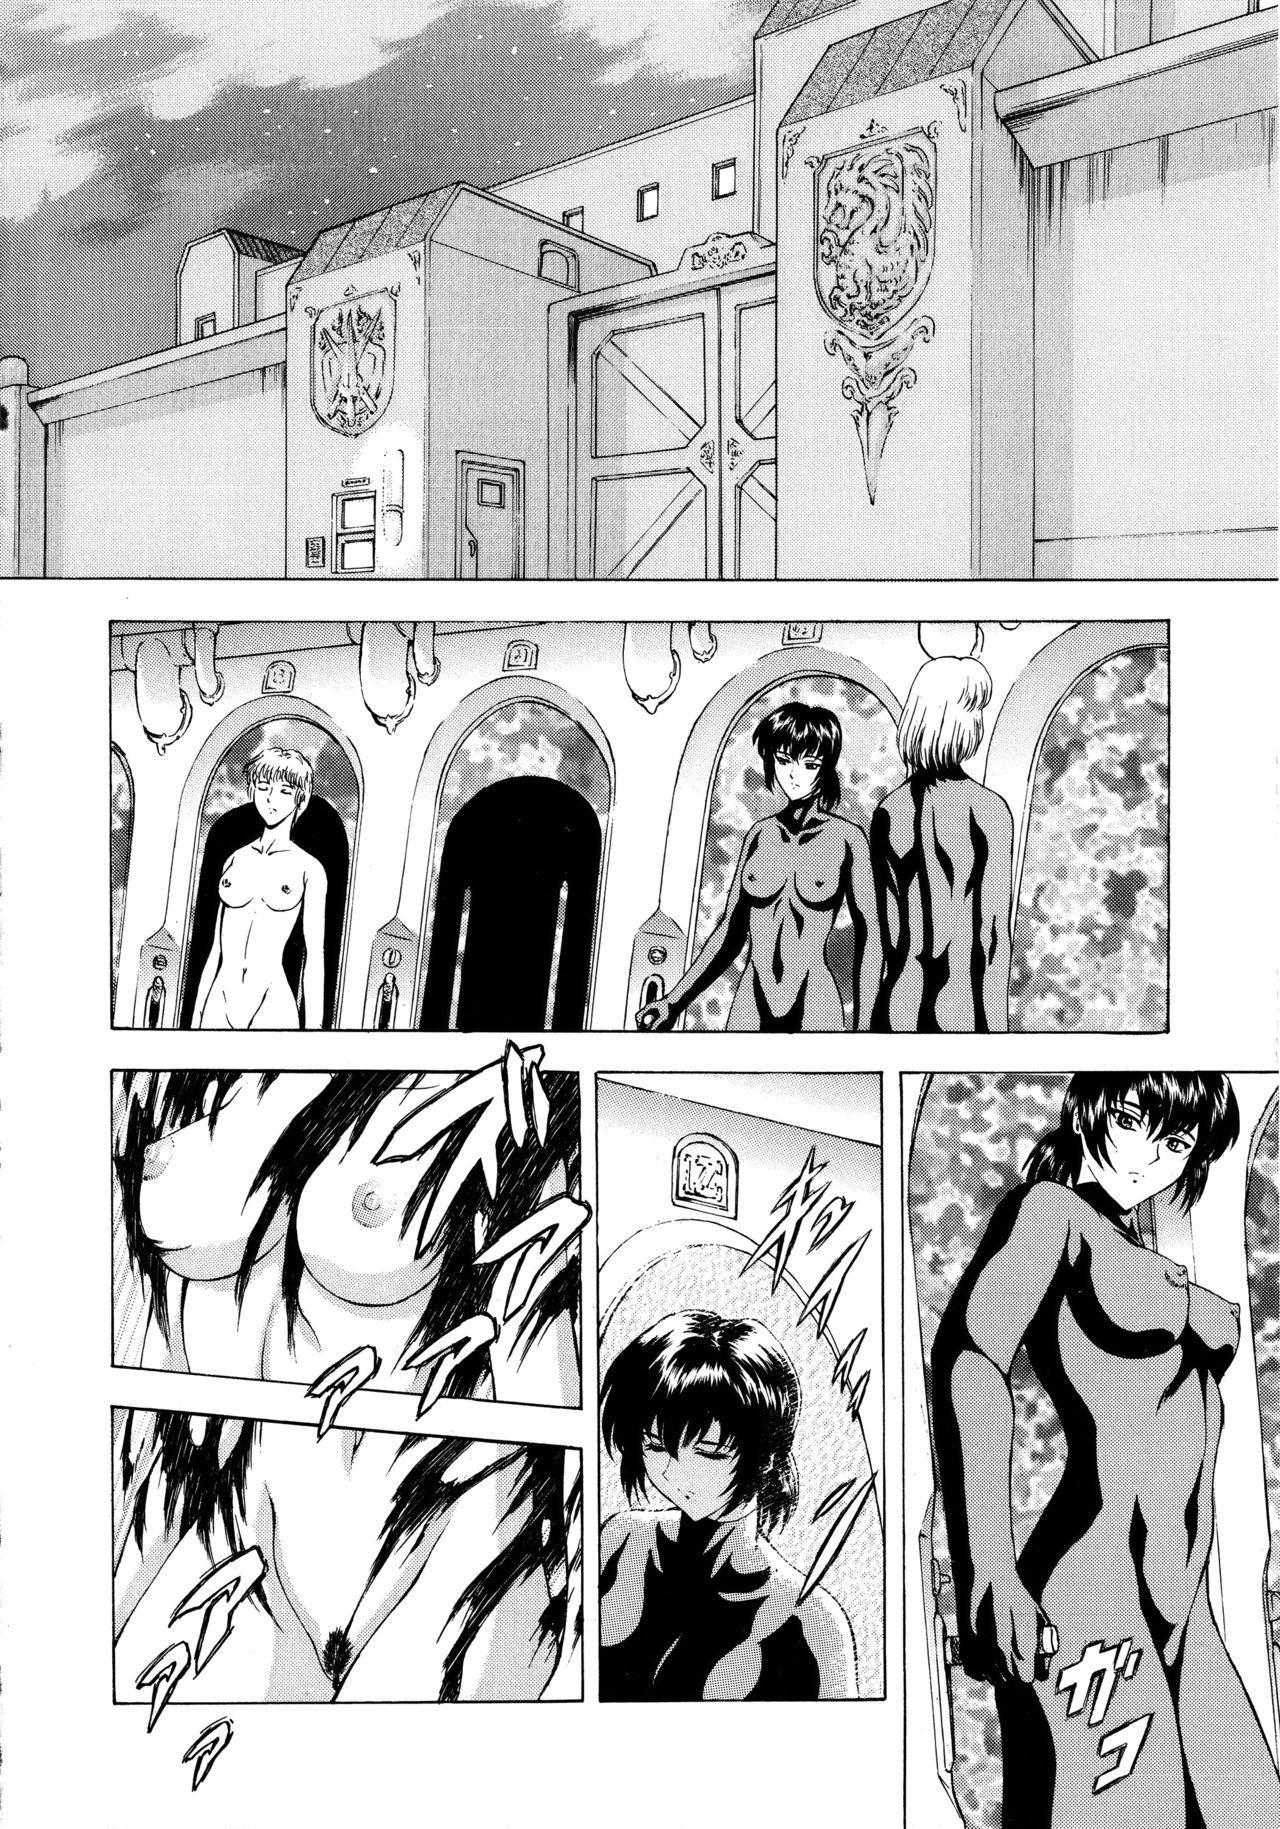 Ginryuu no Reimei Vol. 1 19